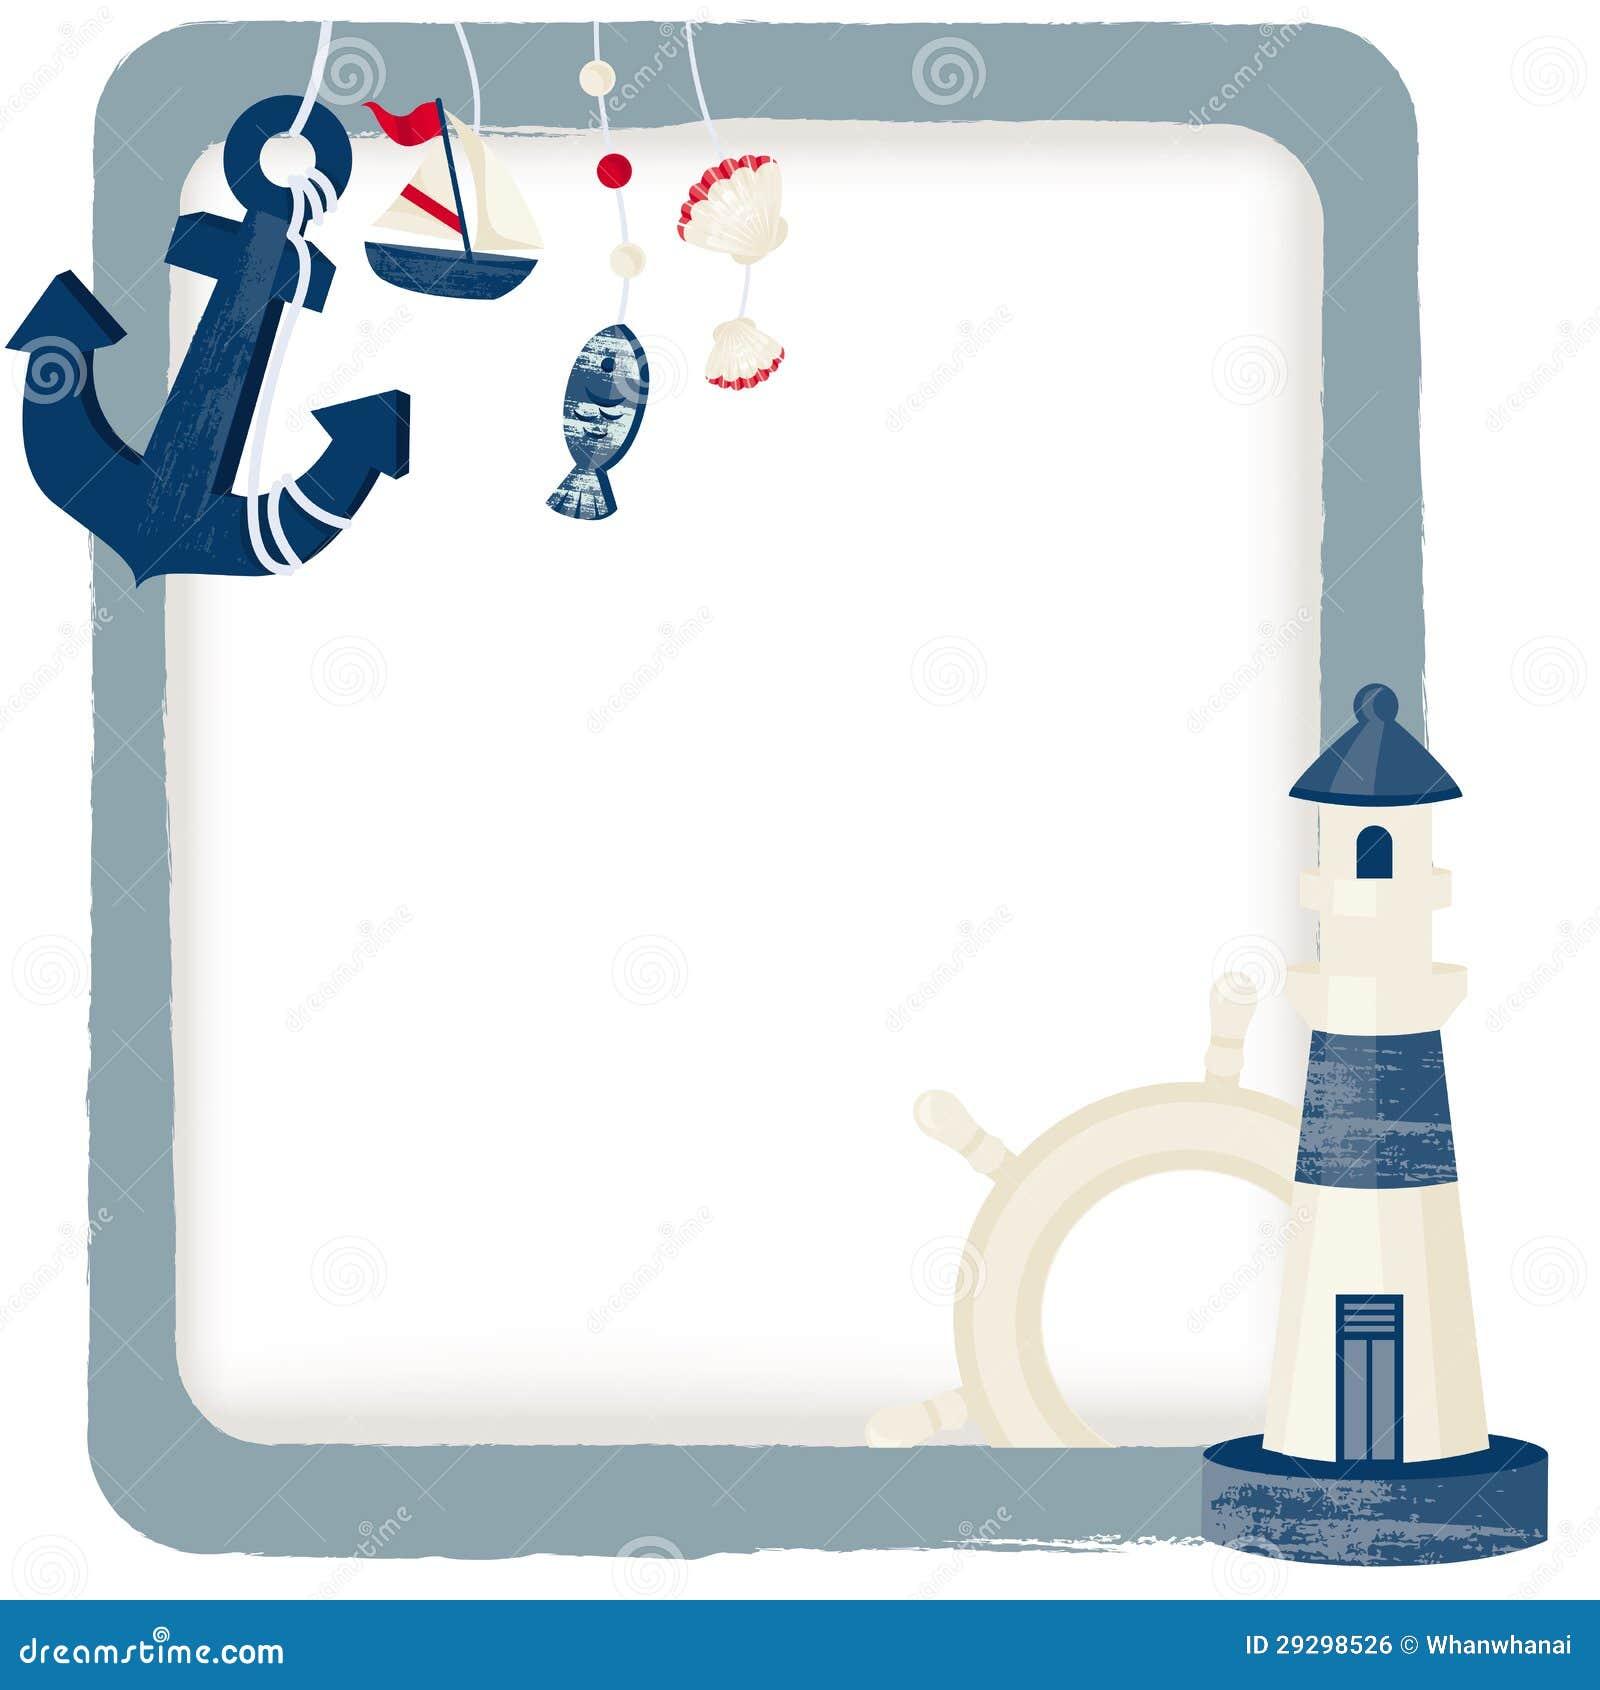 Nautical Background Royalty Free Stock Image - Image: 29298526